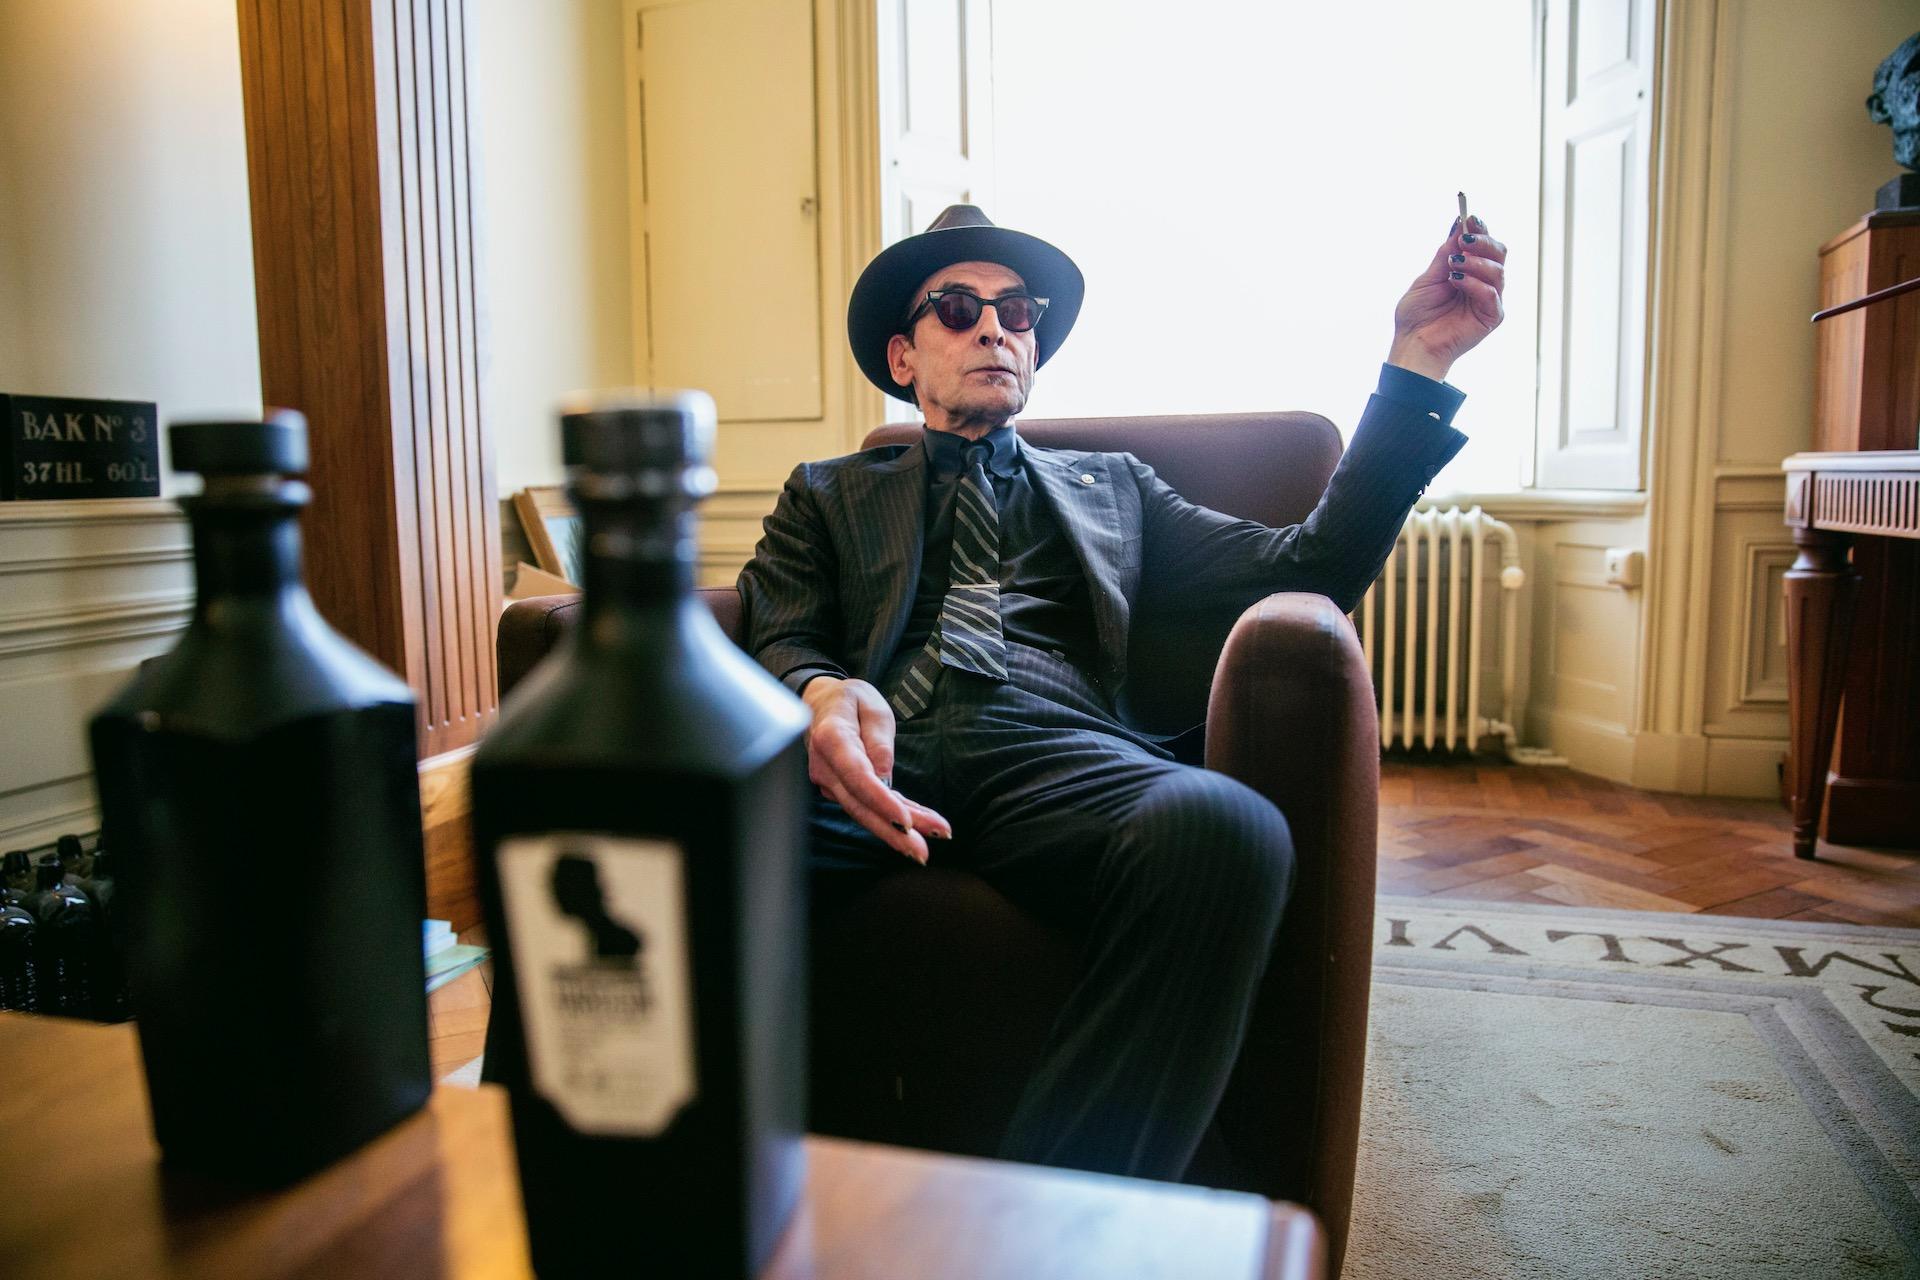 Jules Deelder wordt dit jaar 75 en daarom krijgt hij een eigen gin. Gedistilleerd door Loopuyt in Schiedam. ,,Deelder Hard Gin hakt erin.''De dandy nachtburgemeester drinkt gin 'sinds mensenheugenis' met een wolkje tonic en zo weinig mogelijk ijsklonten. Het alcoholpercentage in Deelder Hard Gin is zijn geboortejaar in spiegelbeeld: 44,91 procent.(Tekst AD)Deelder Hard Gin is hoekig, hij glijdt niet laf naar binnen. De afdronk is Spartaans'', vindt de naamgever en Spartasupporter in hart en lever. ,,Een Spartaanse afdronk is een nekschot in deze stad. Deelder Hard Gin vormt geen gevaar voor de volksgezondheid. ,,Laat onverlet dat je er uiteindelijk lazarus van wordt.''Van Deelder Hard Gin verschijnen medio juni welgeteld 1944 flessen op de markt, alle flessen zijn genummerd en voorzien van een gedicht van de meester. ,,Dat gedicht zit nog in de buizenpost.'' De flessen dragen dezelfde kleur als de maatpakken van de poëet. De verkoop van deze gelimiteerde gin geschiedt uitsluitend op basis van inschrijving